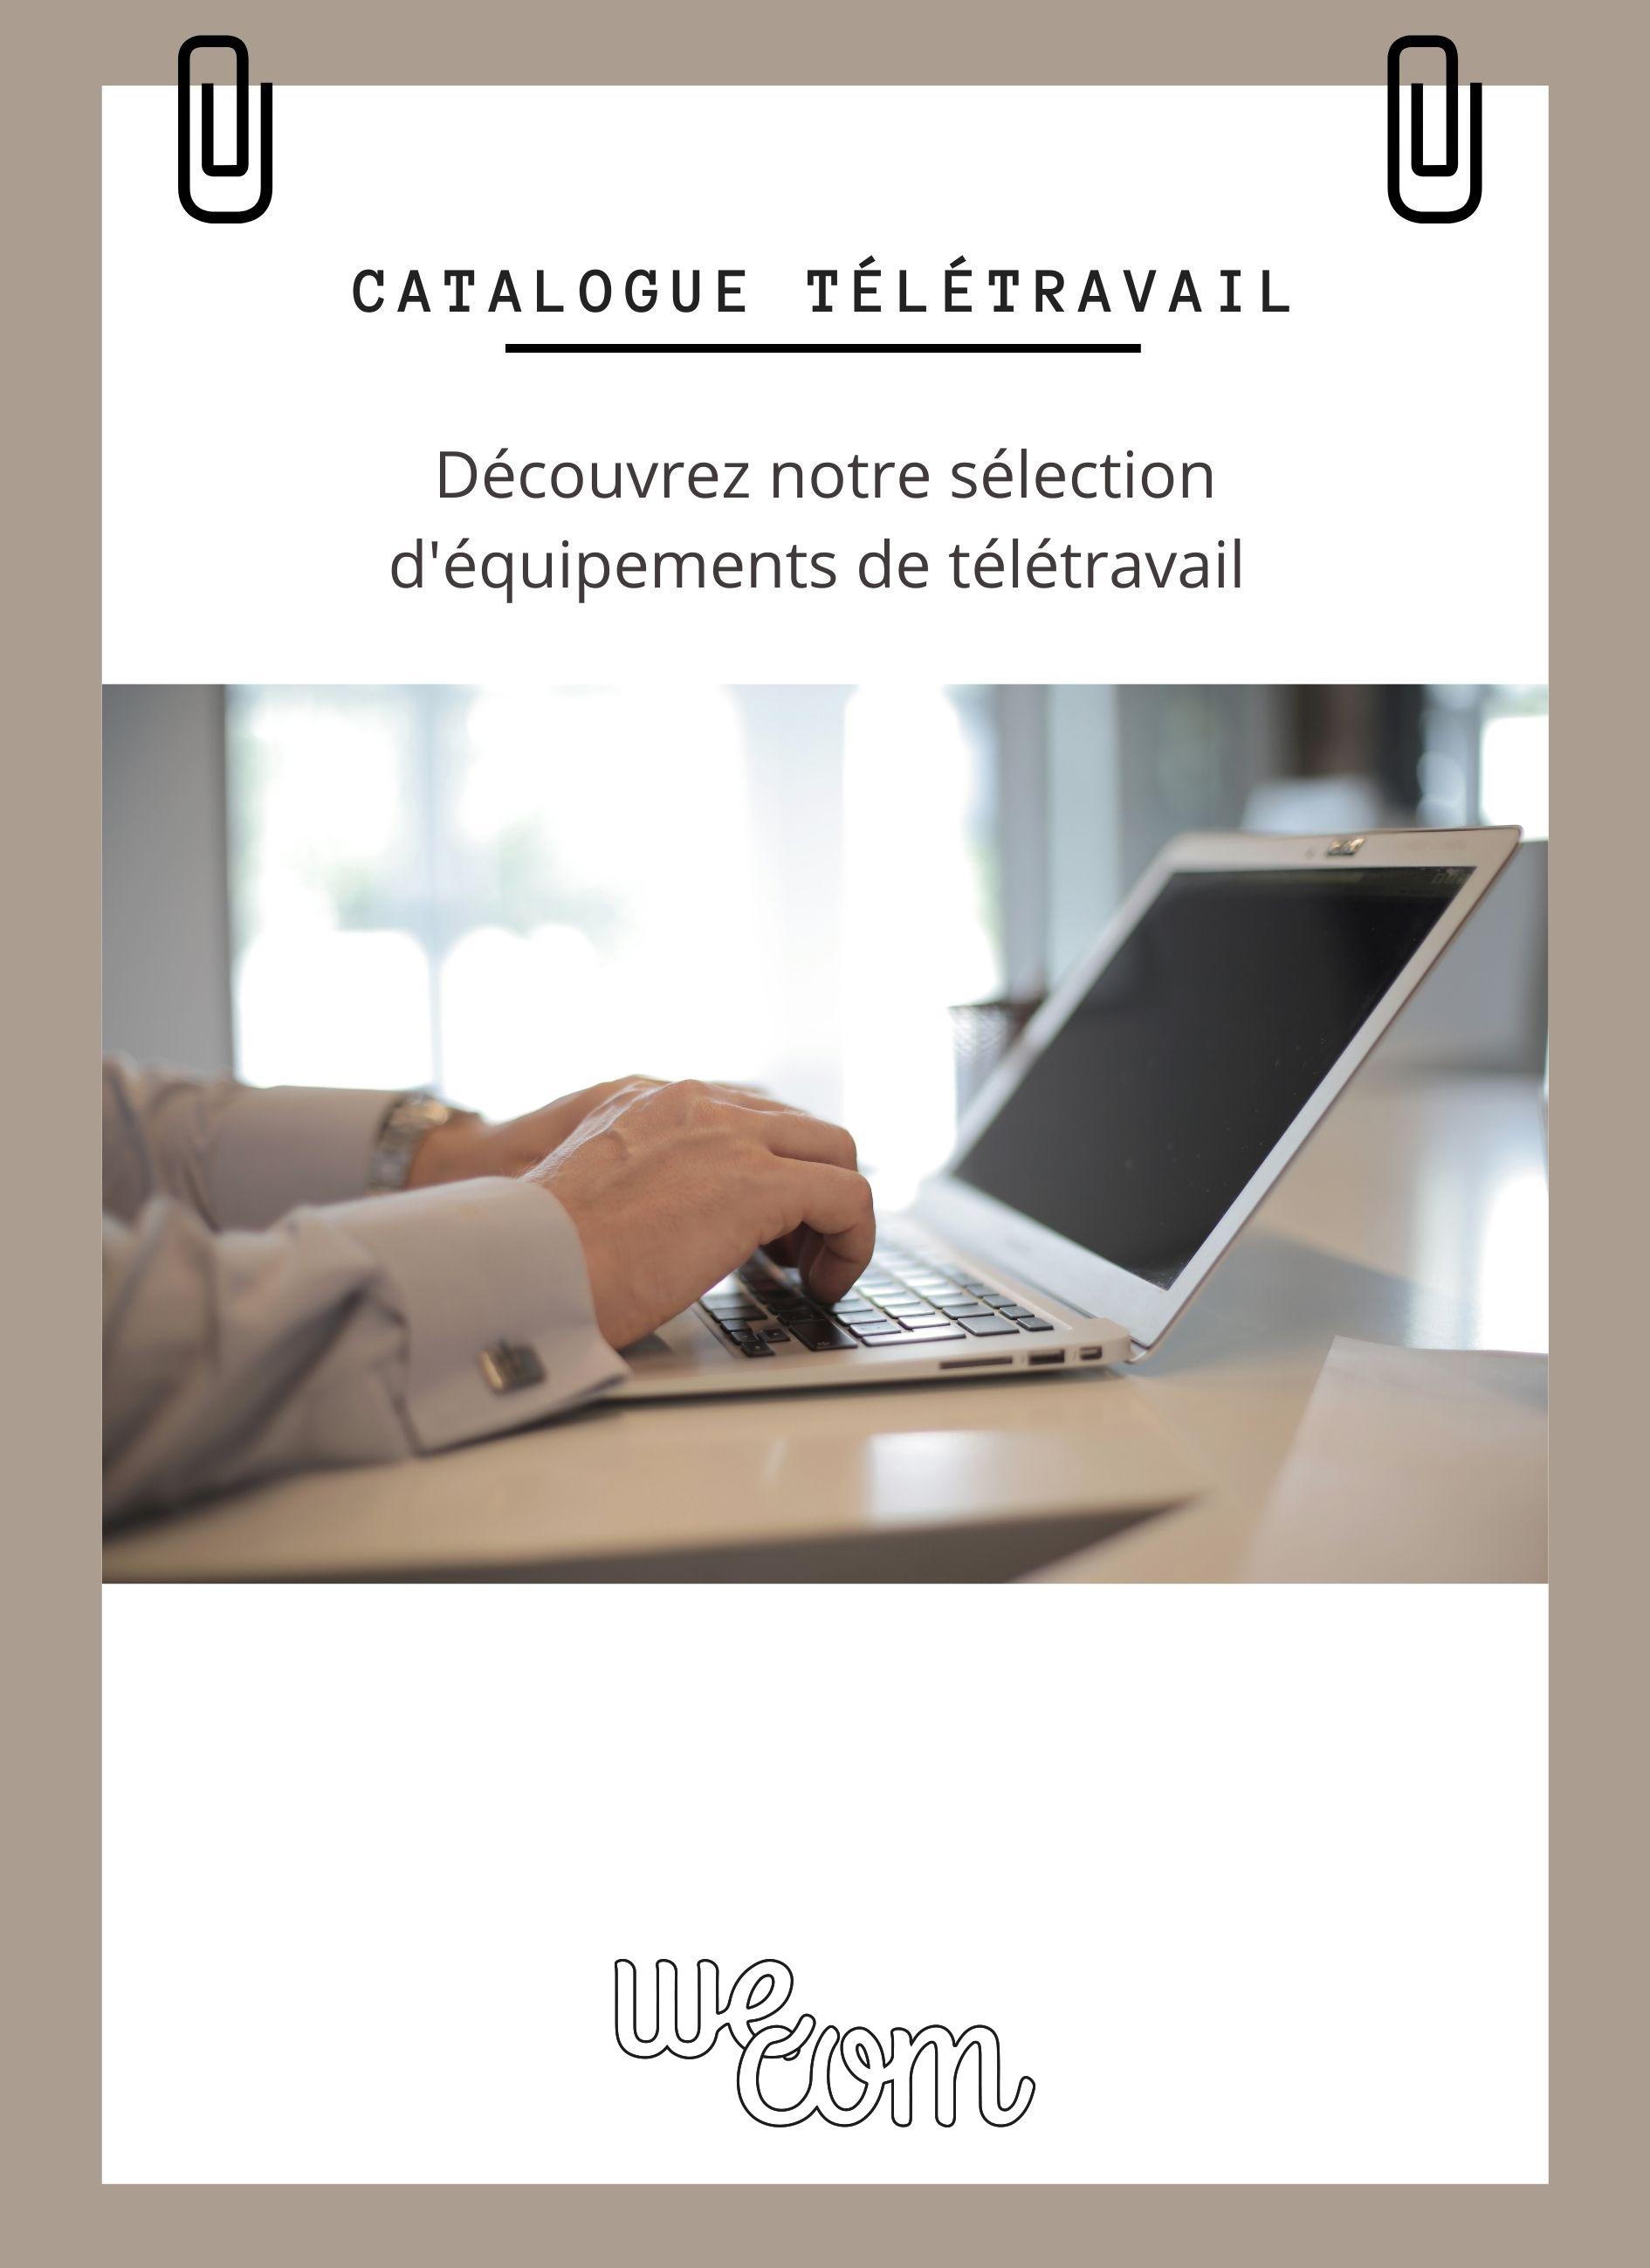 Catalogue teletravail cover